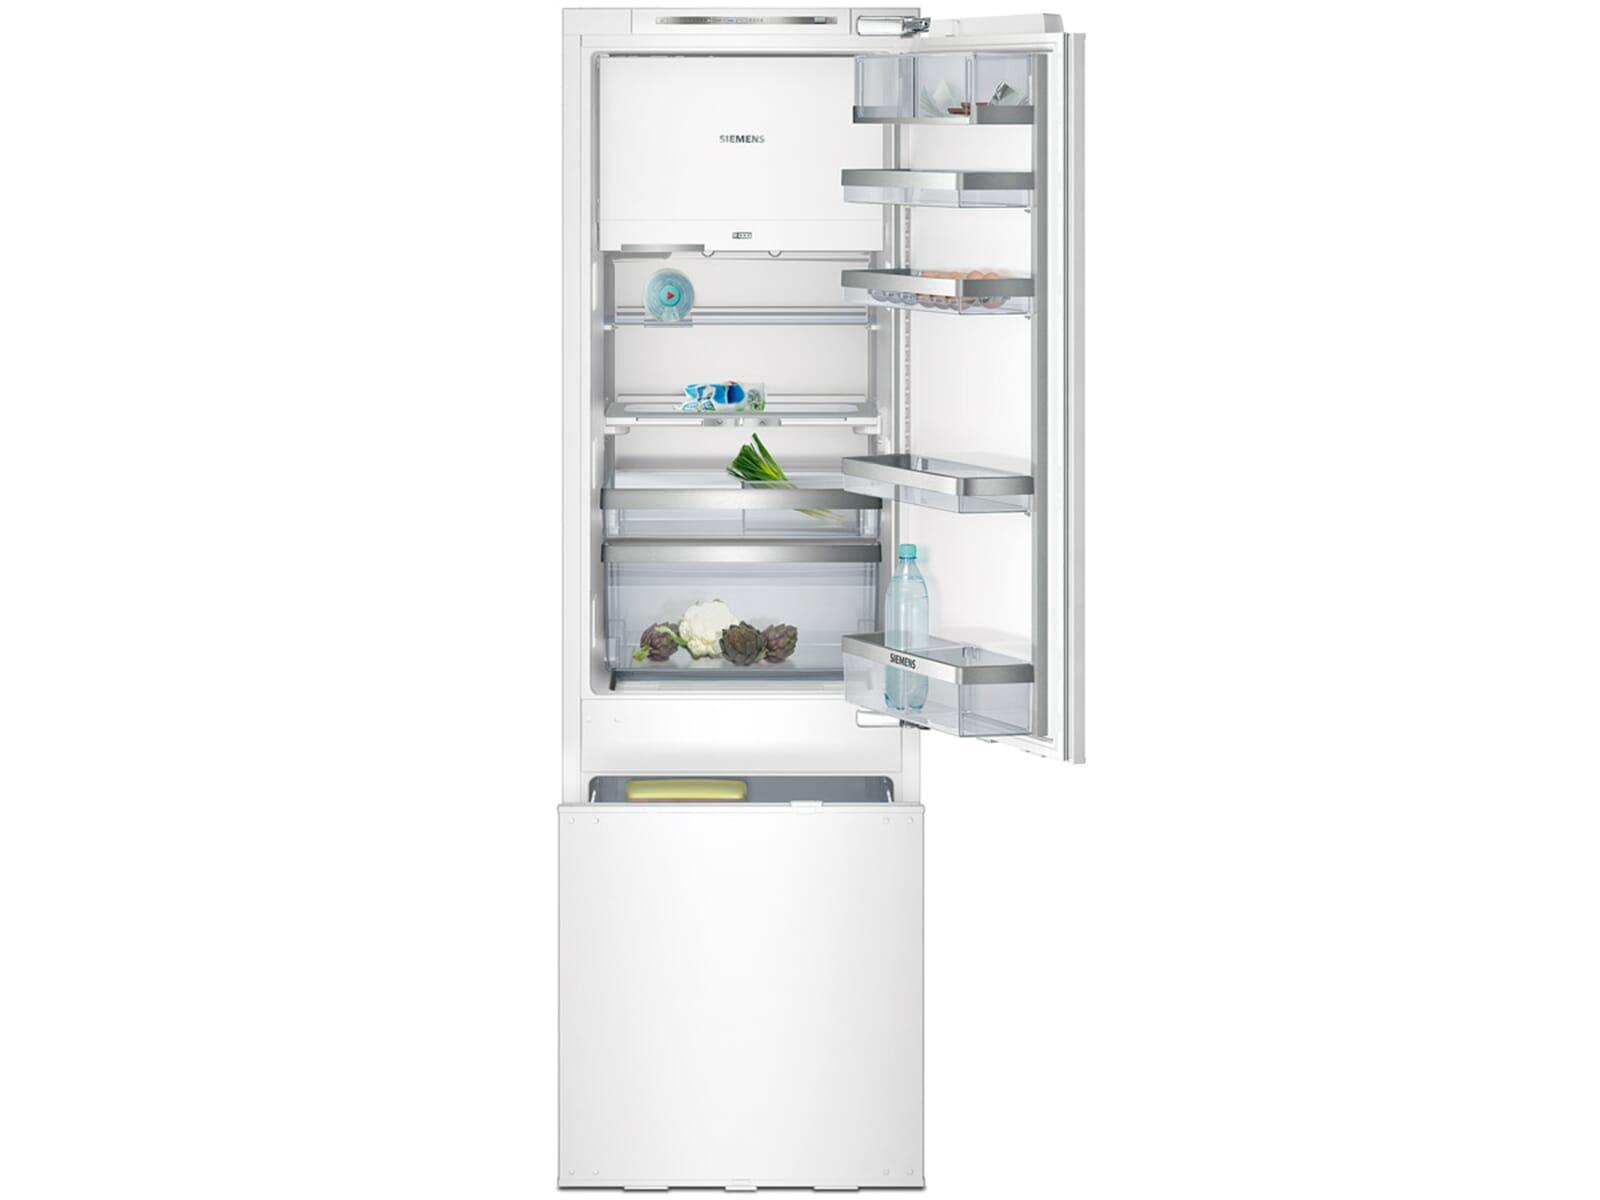 Siemens Kühlschrank Mit Gefrierfach Einbau : Kühlschrank einbau siemens einbau kühlschrank ki 21 raf 30 möbel